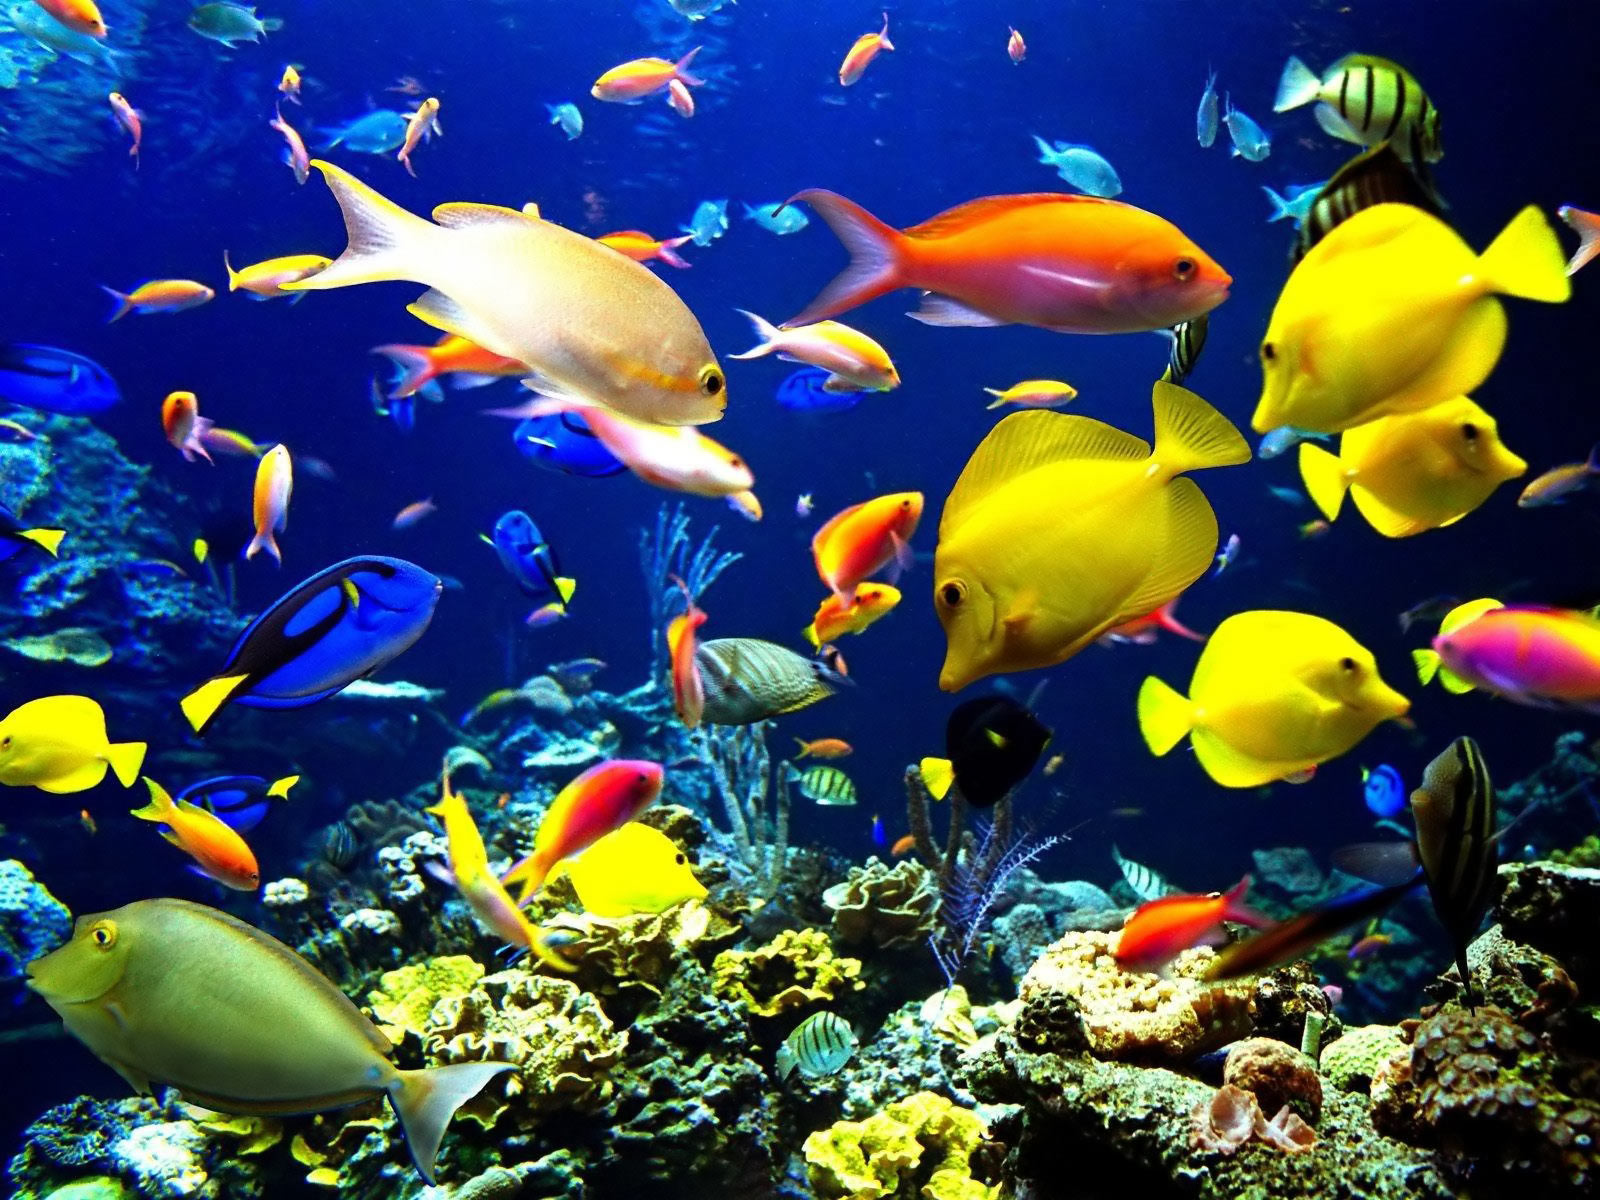 http://1.bp.blogspot.com/-b2ZQwmnZGvY/TkMUS87E6xI/AAAAAAAACHk/e3H2m9eRsws/s1600/Coral_reef_life_Fish_wallpapers.jpg